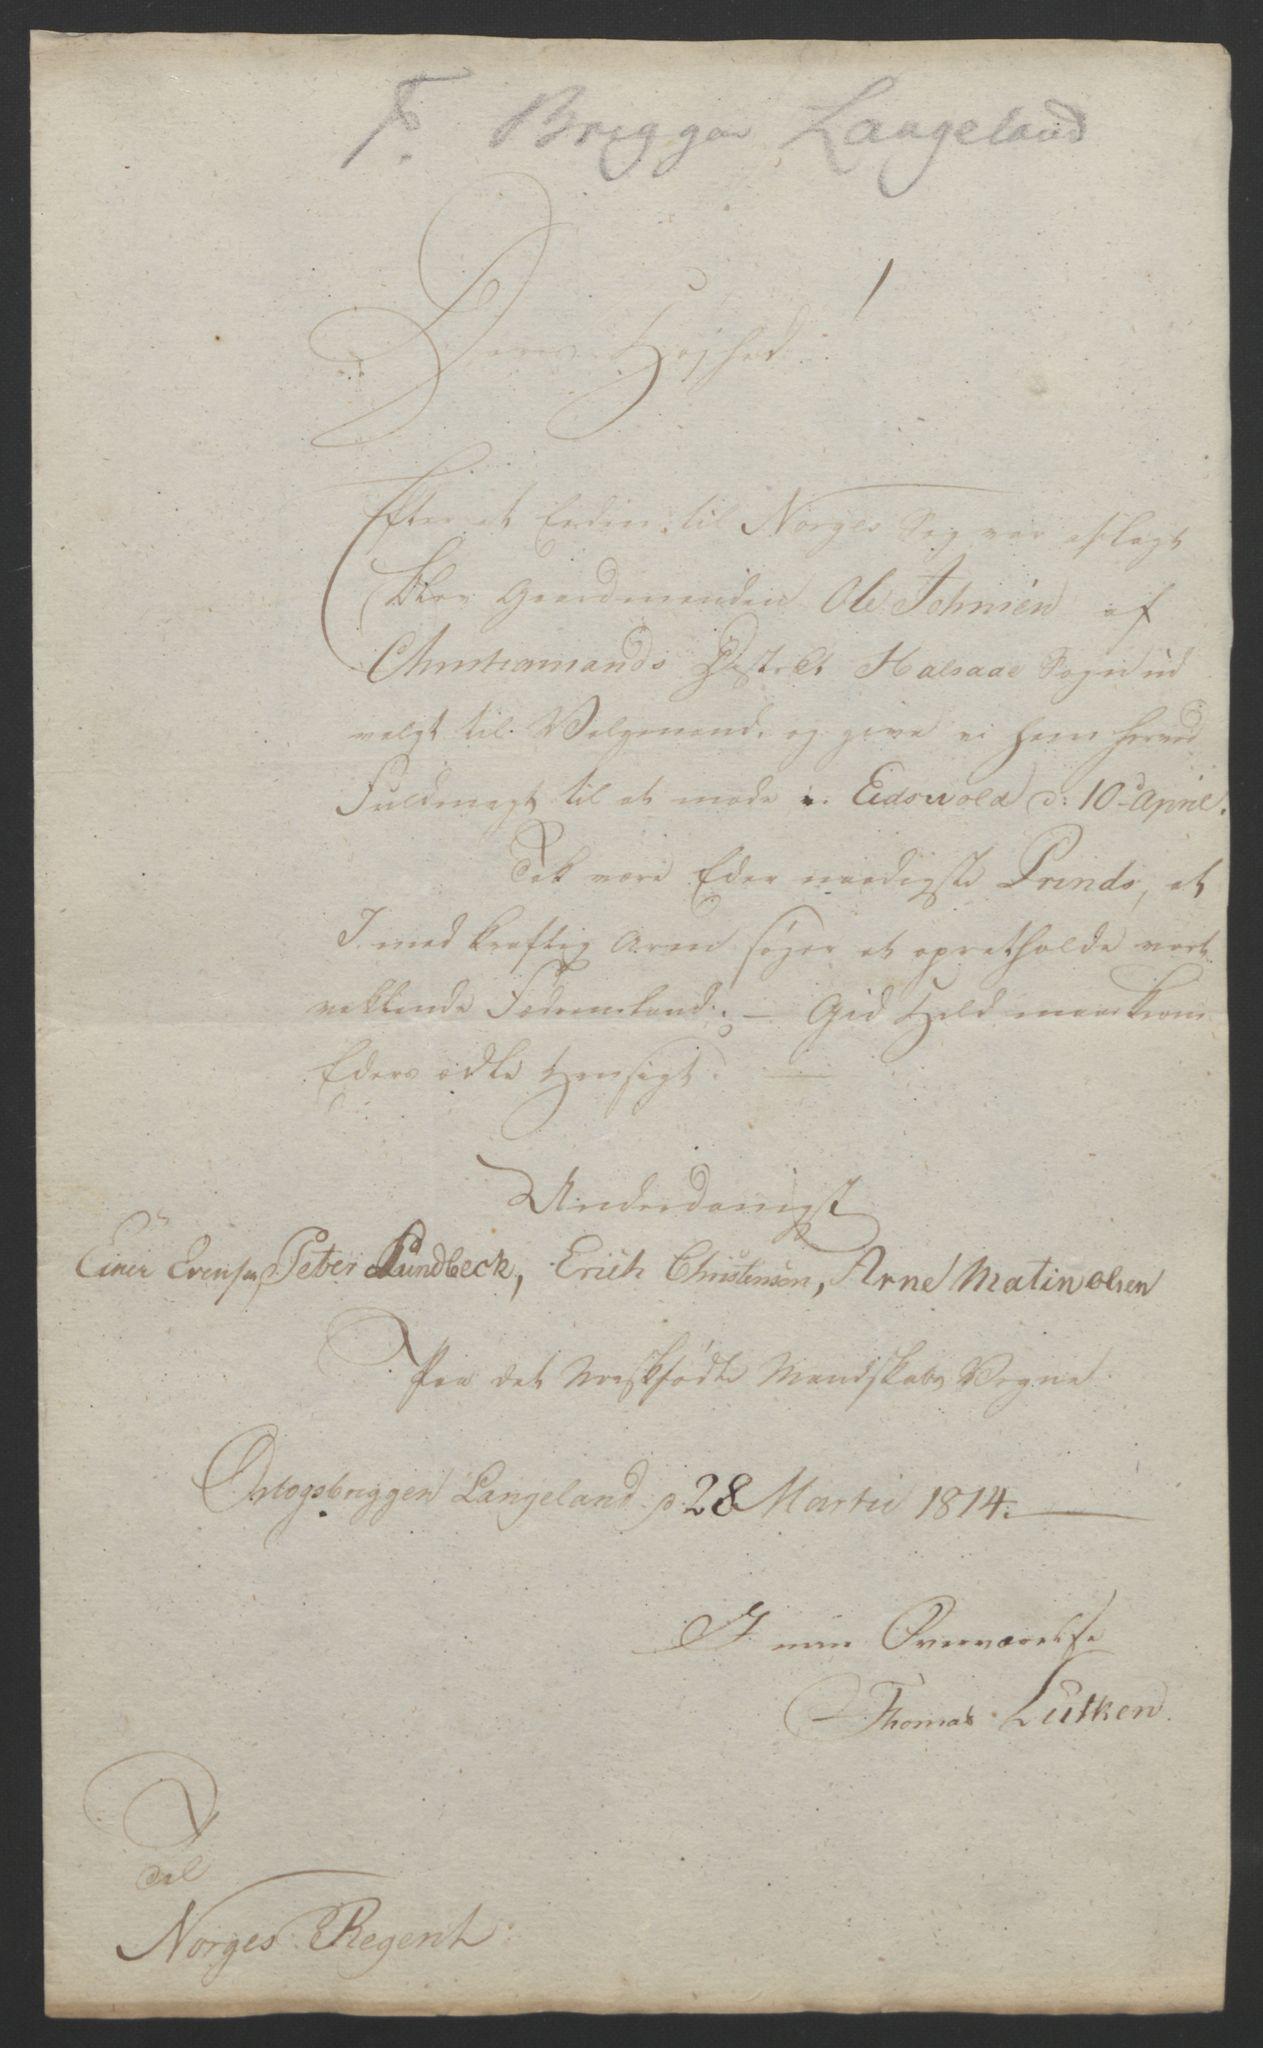 RA, Statsrådssekretariatet, D/Db/L0007: Fullmakter for Eidsvollsrepresentantene i 1814. , 1814, s. 134